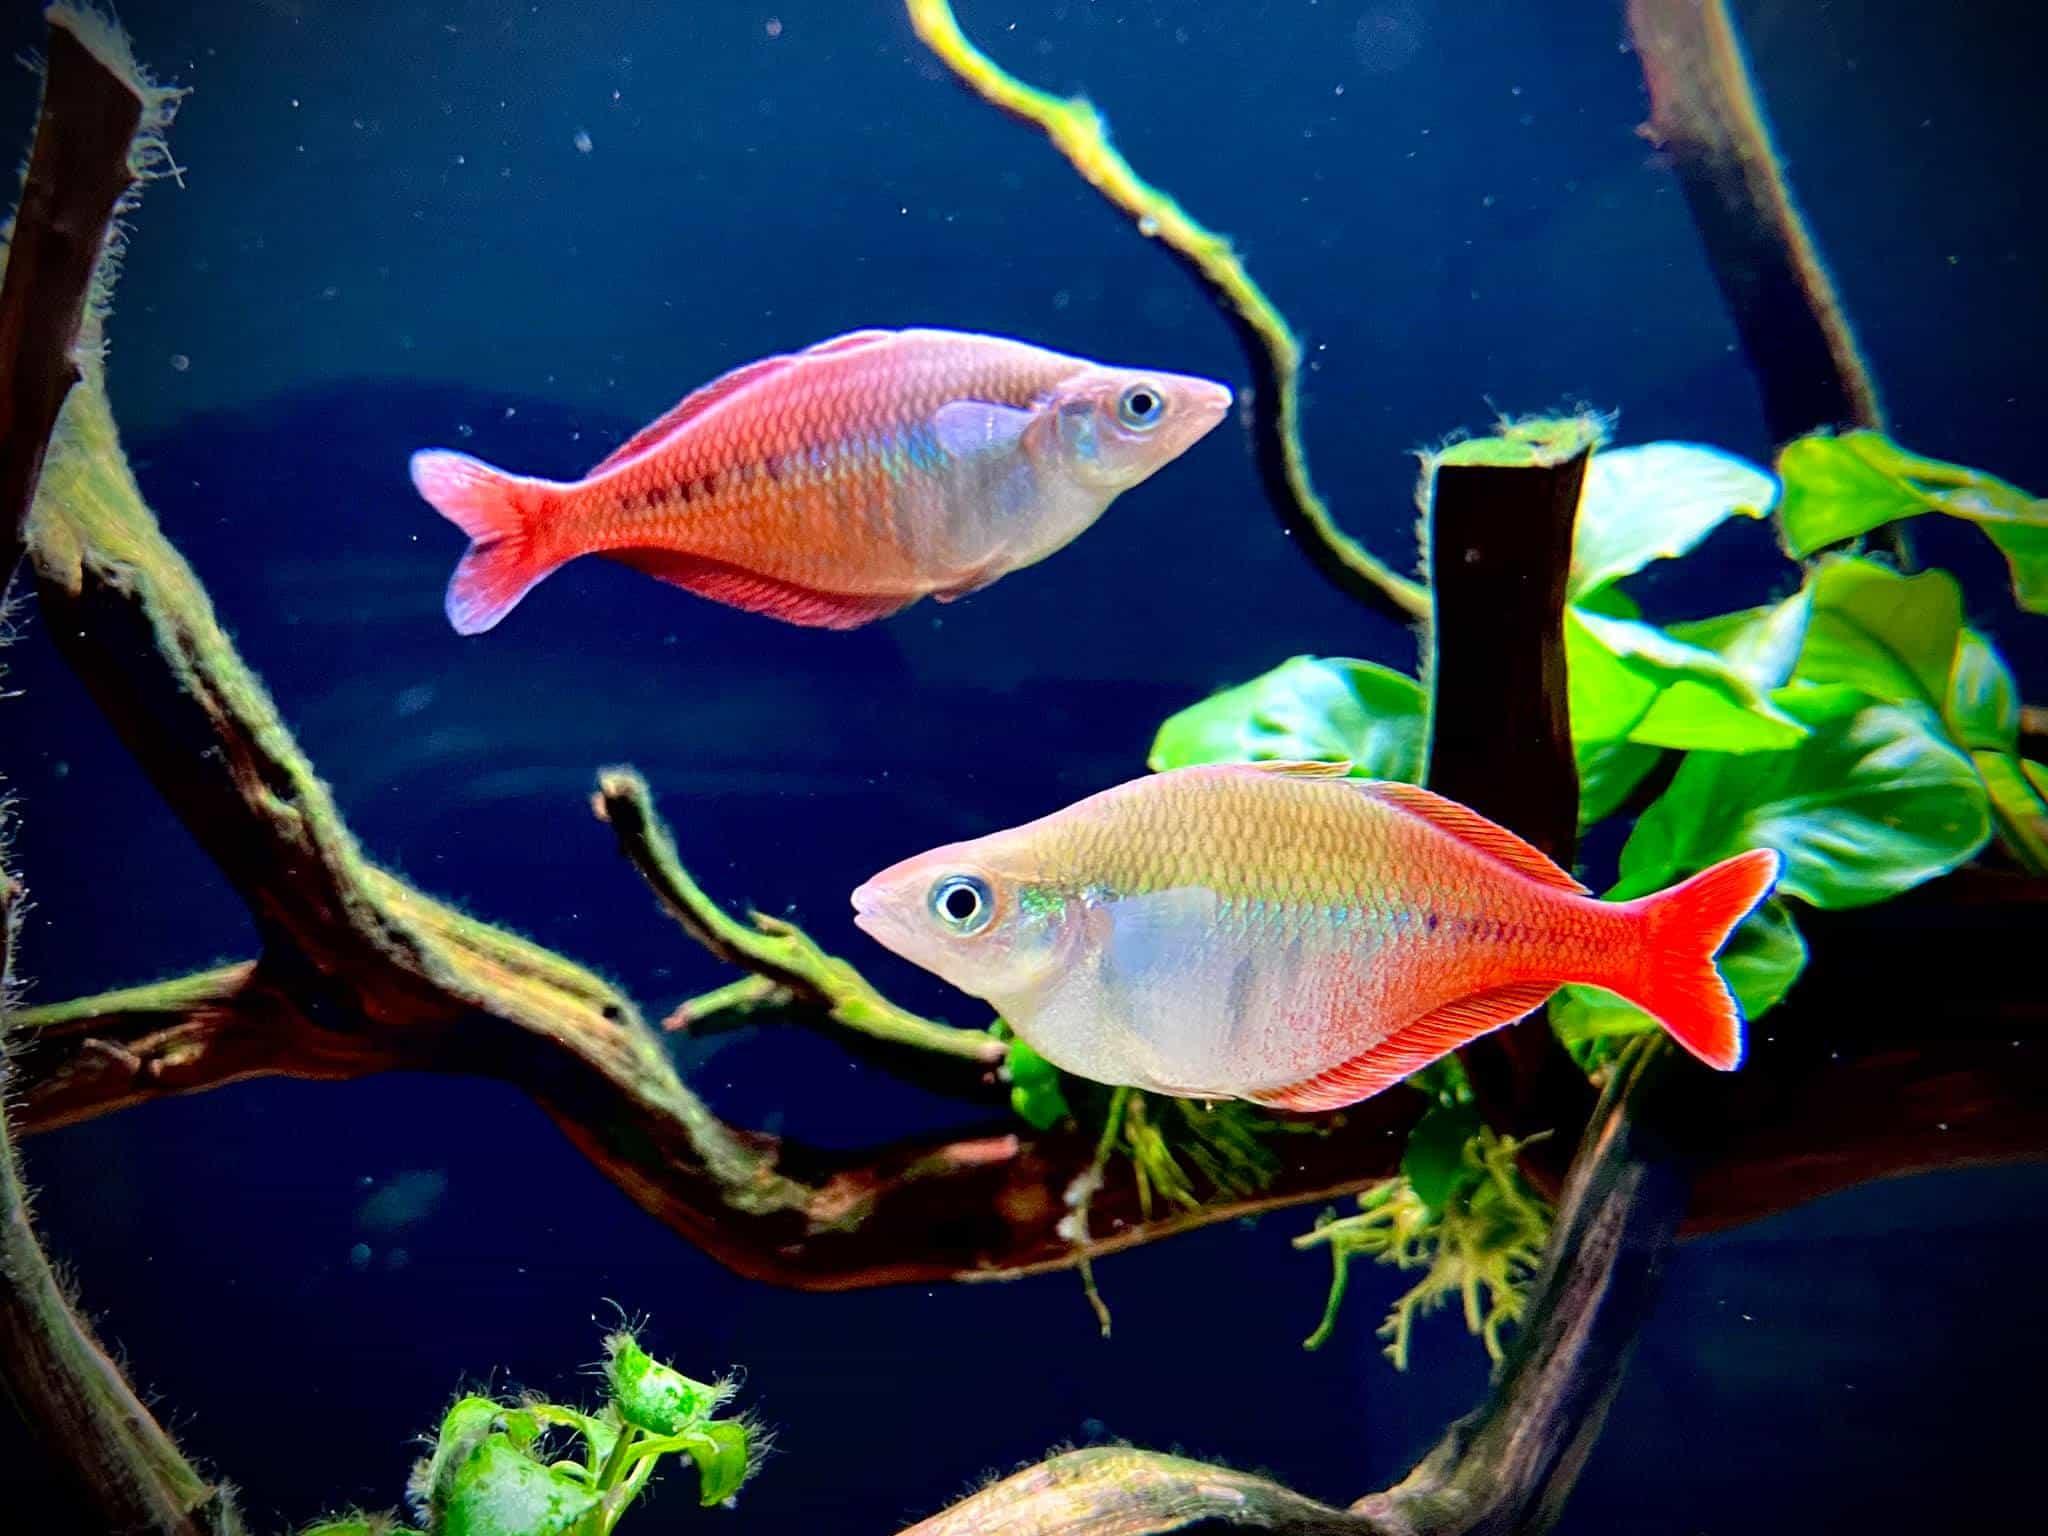 Blehers Rainbow Fish - Chilatherina bleheri